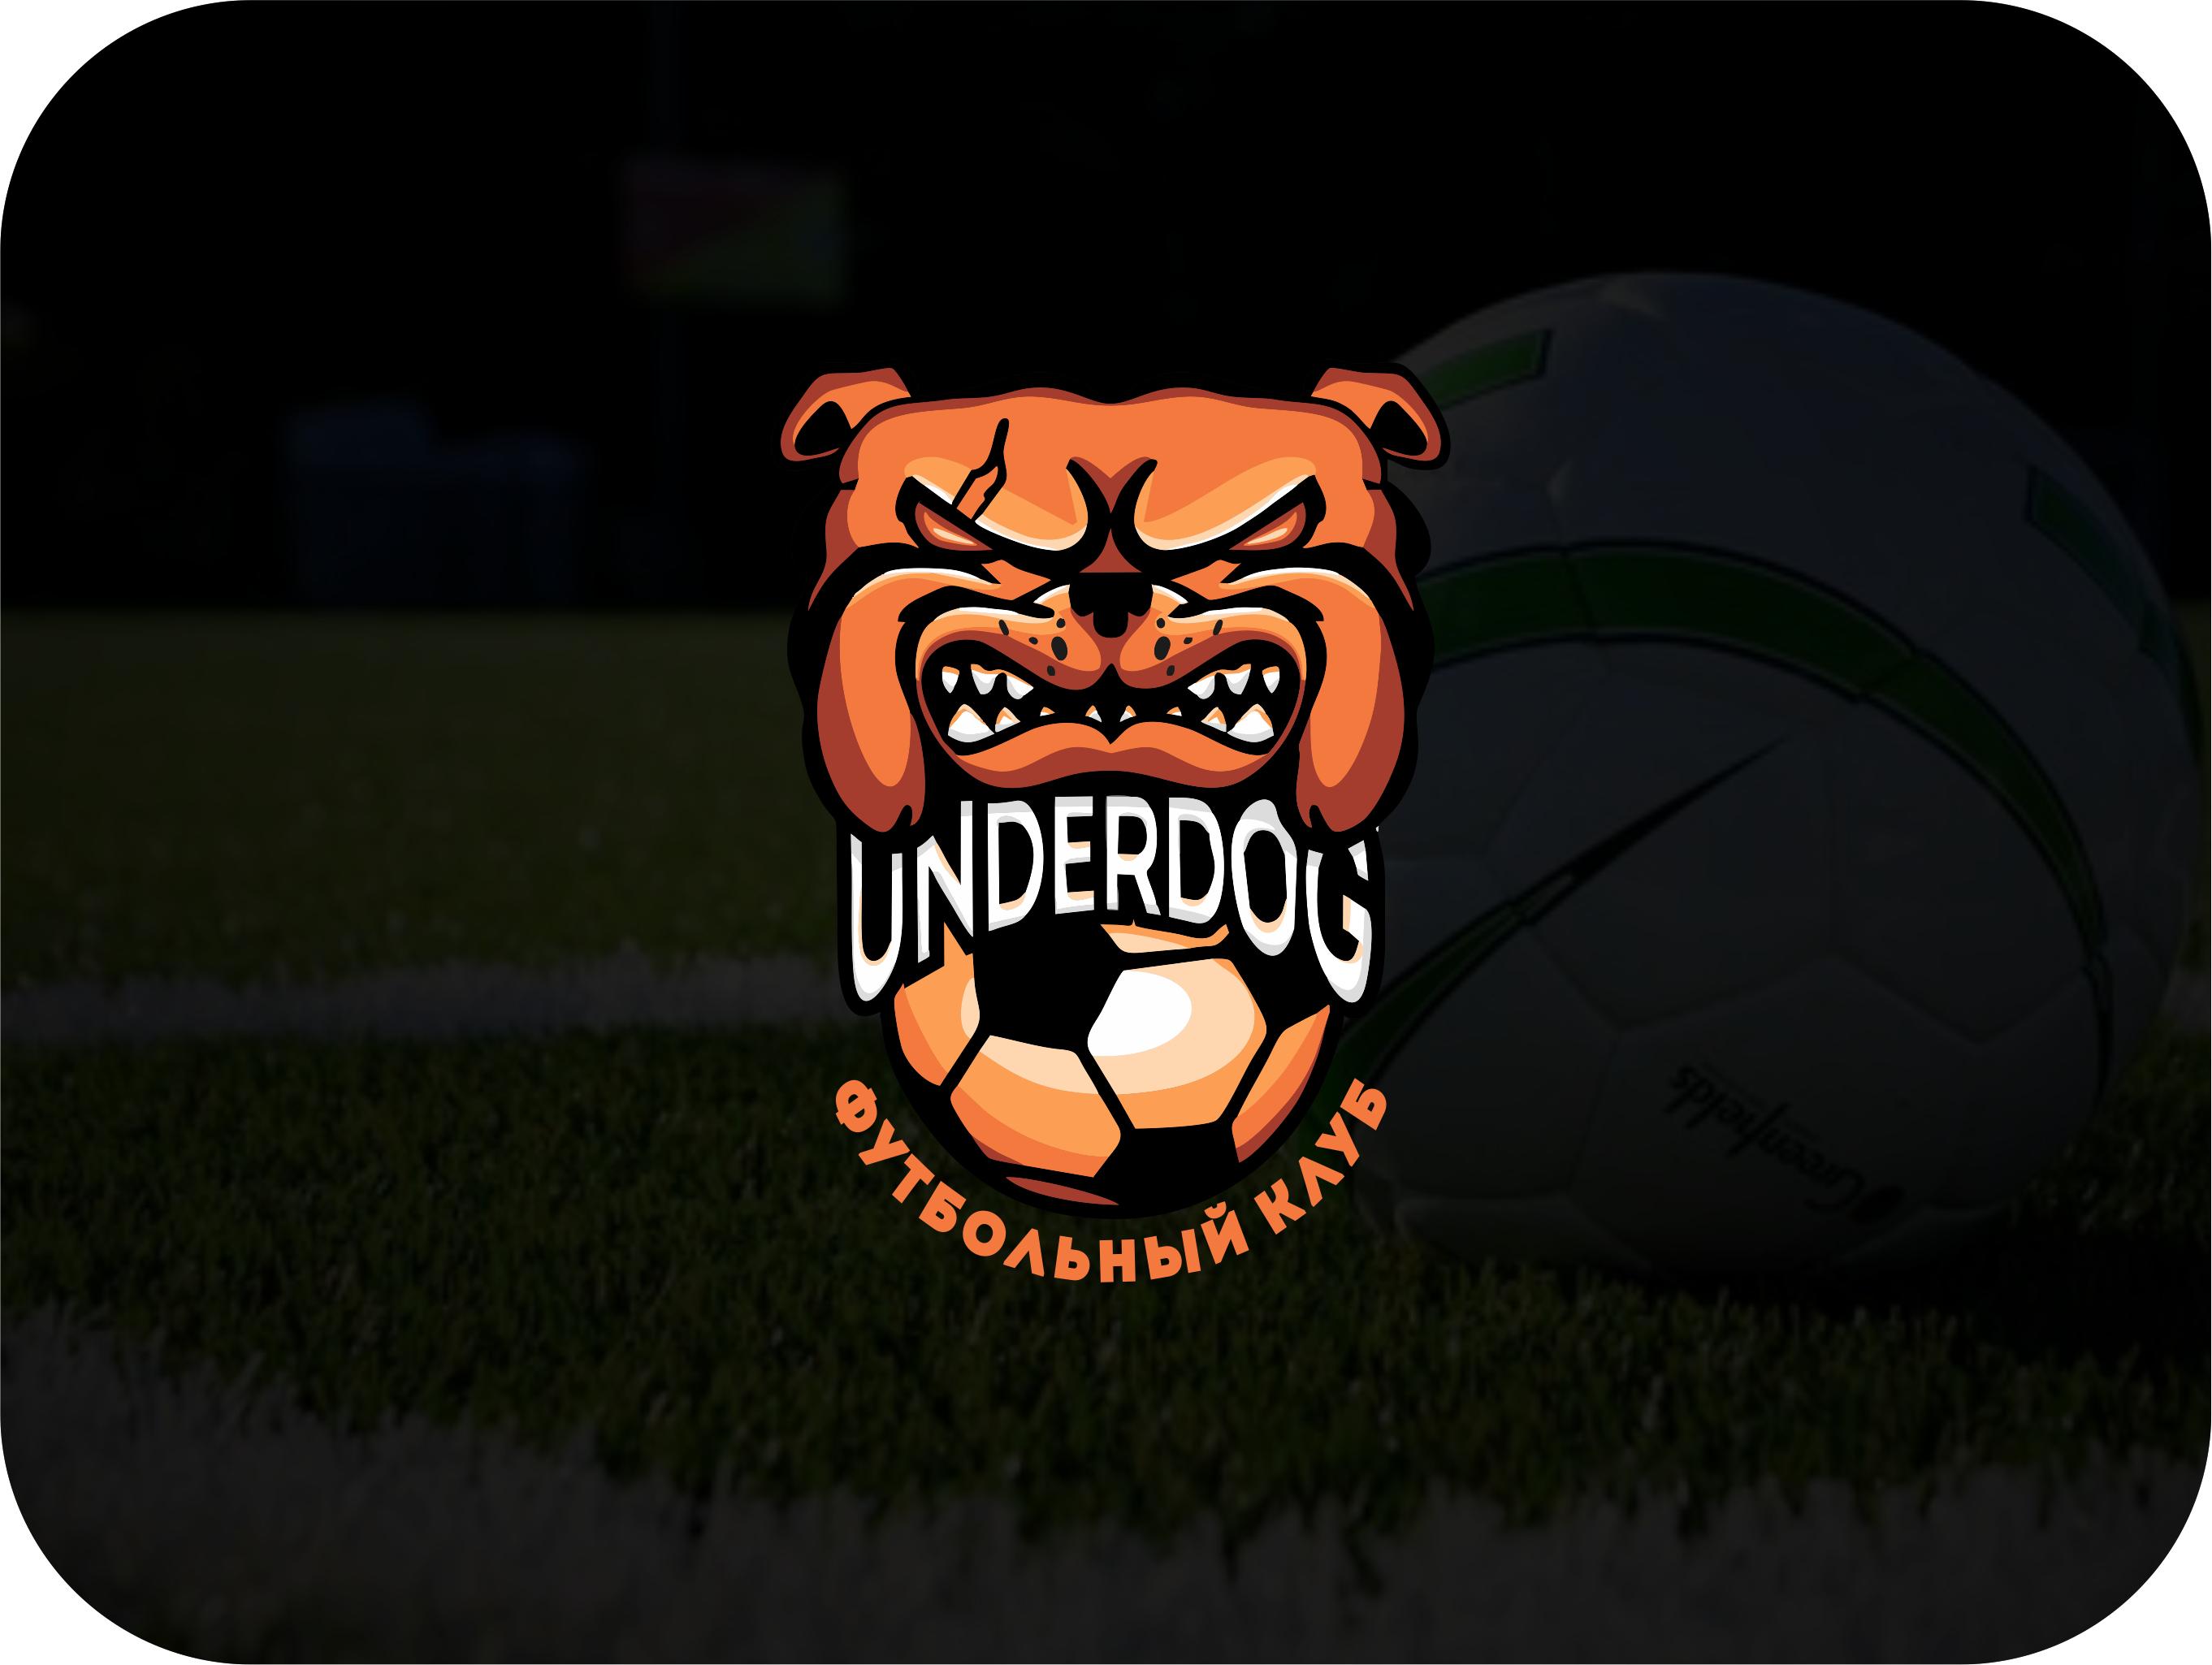 Футбольный клуб UNDERDOG - разработать фирстиль и бренд-бук фото f_0455cb0d0d523616.jpg